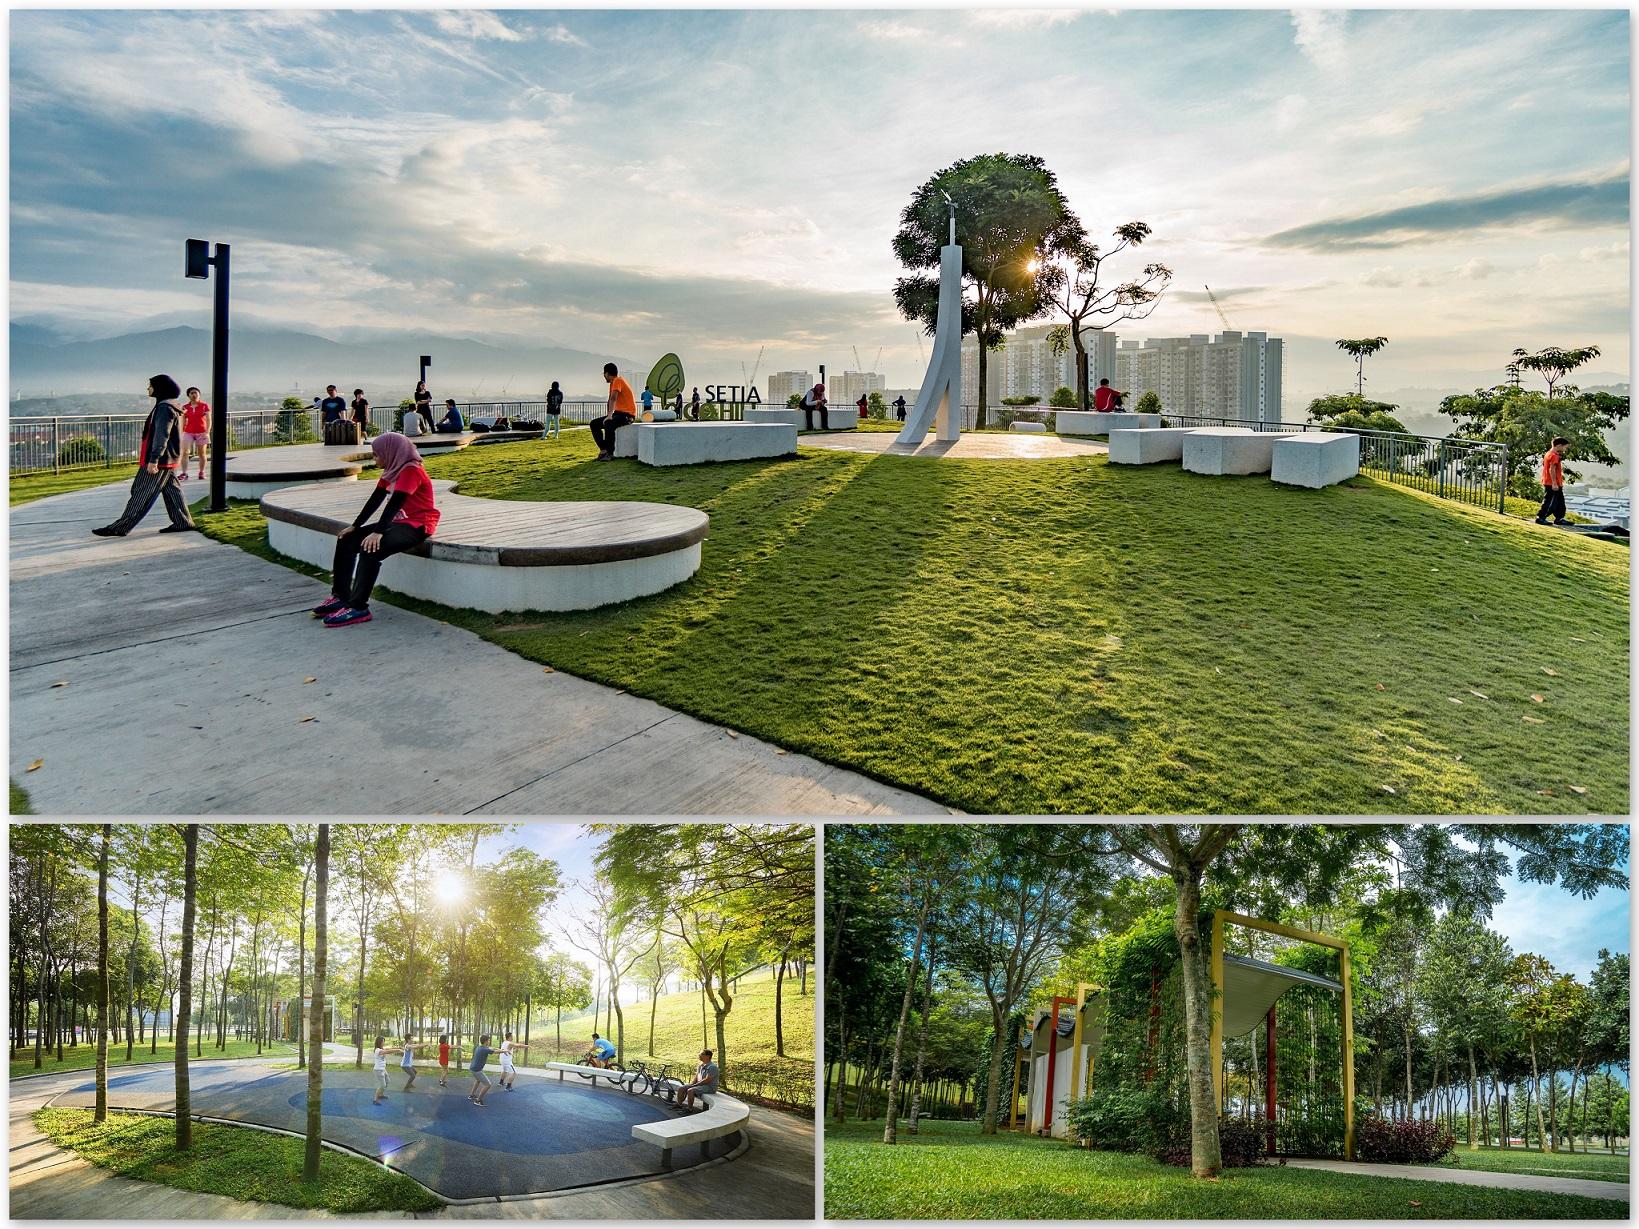 (上图)EcoHill公园居高临下,可以360度俯瞰士毛月景色。(下左)Tai Chi Lawn是居民们在一起打太极拳的绝佳场地。(下右)摩登艺术设计的有盖走道Trellis让访客不必担心受雨淋日晒。